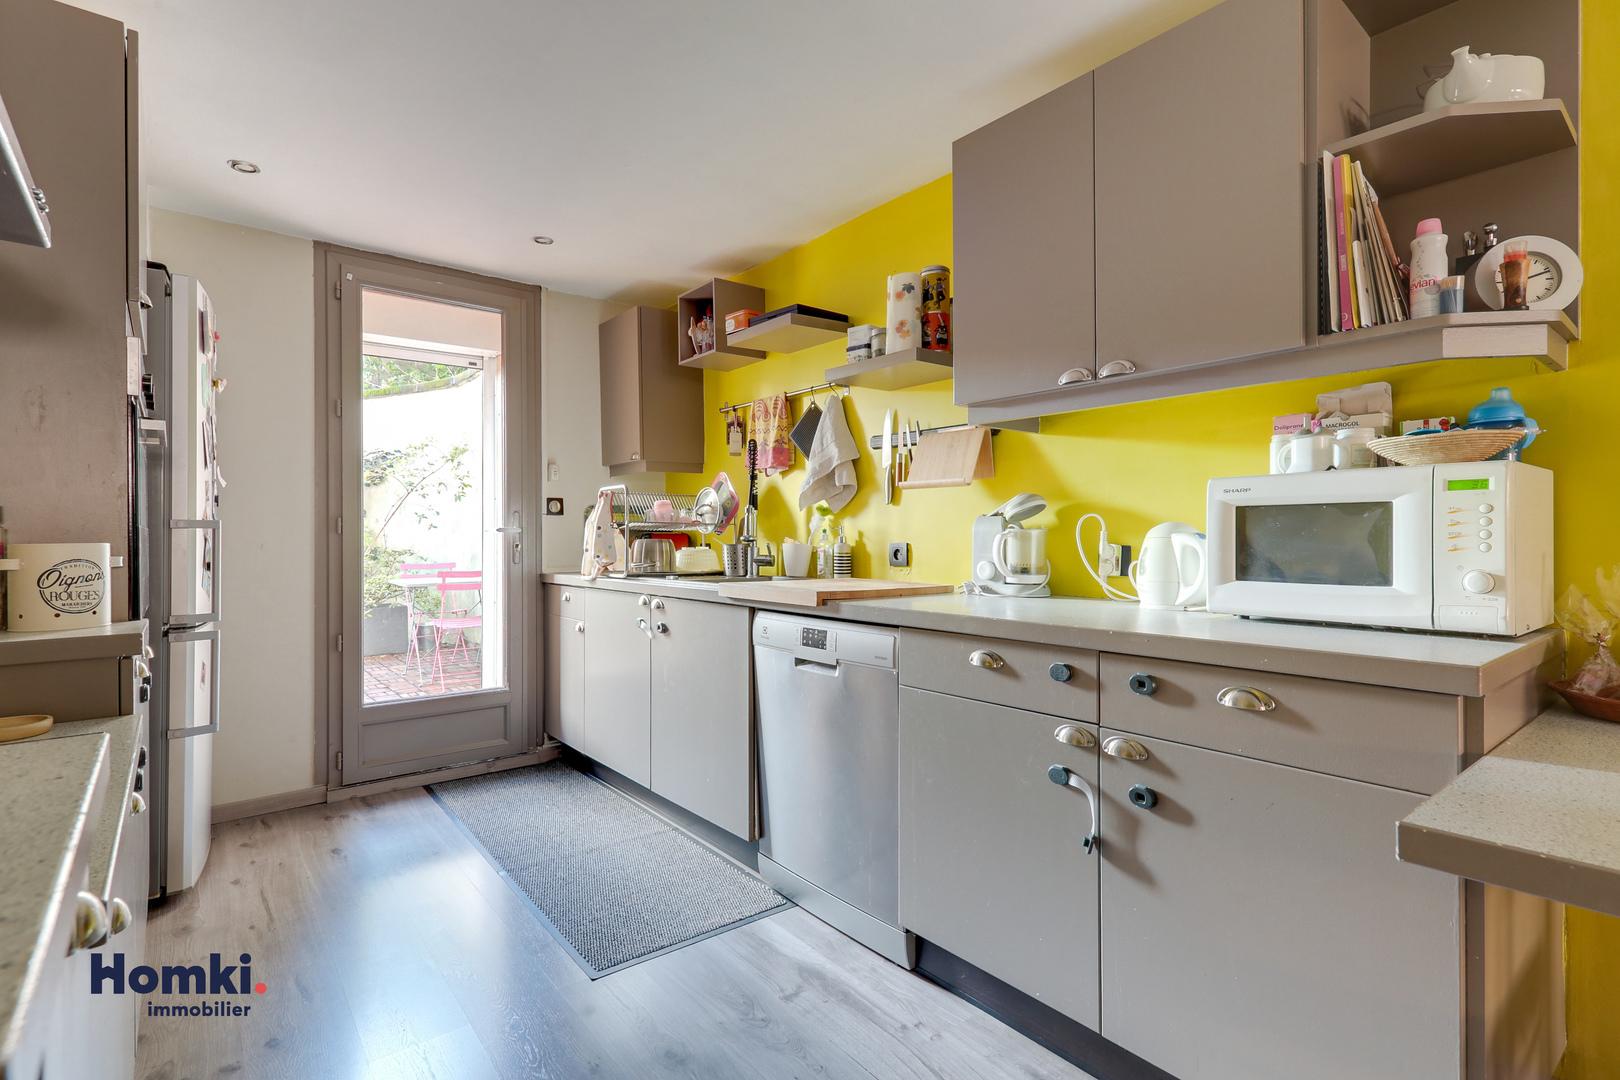 Vente appartement 115m² T3 69100_5